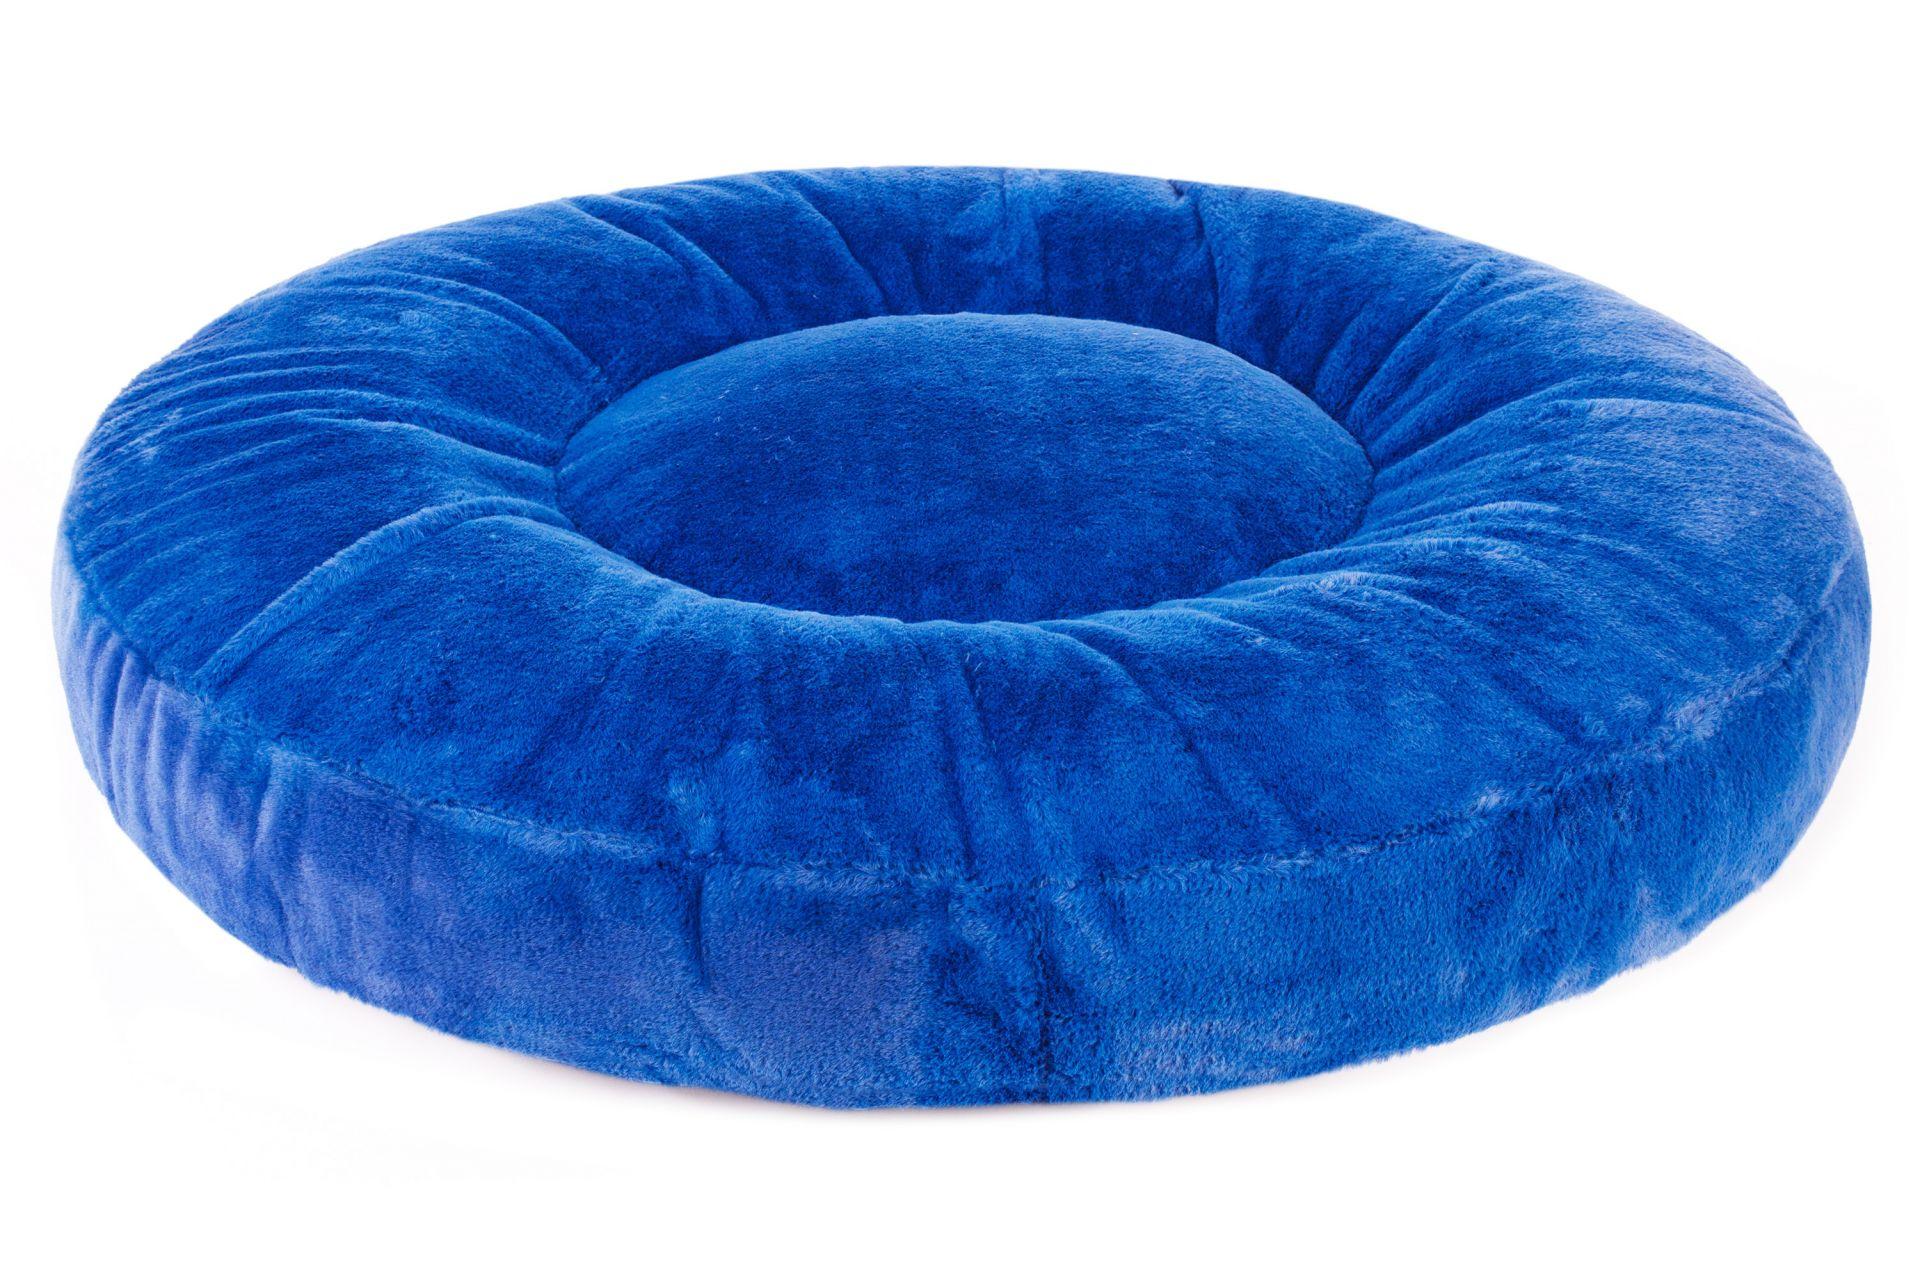 Wau-Donut Blue